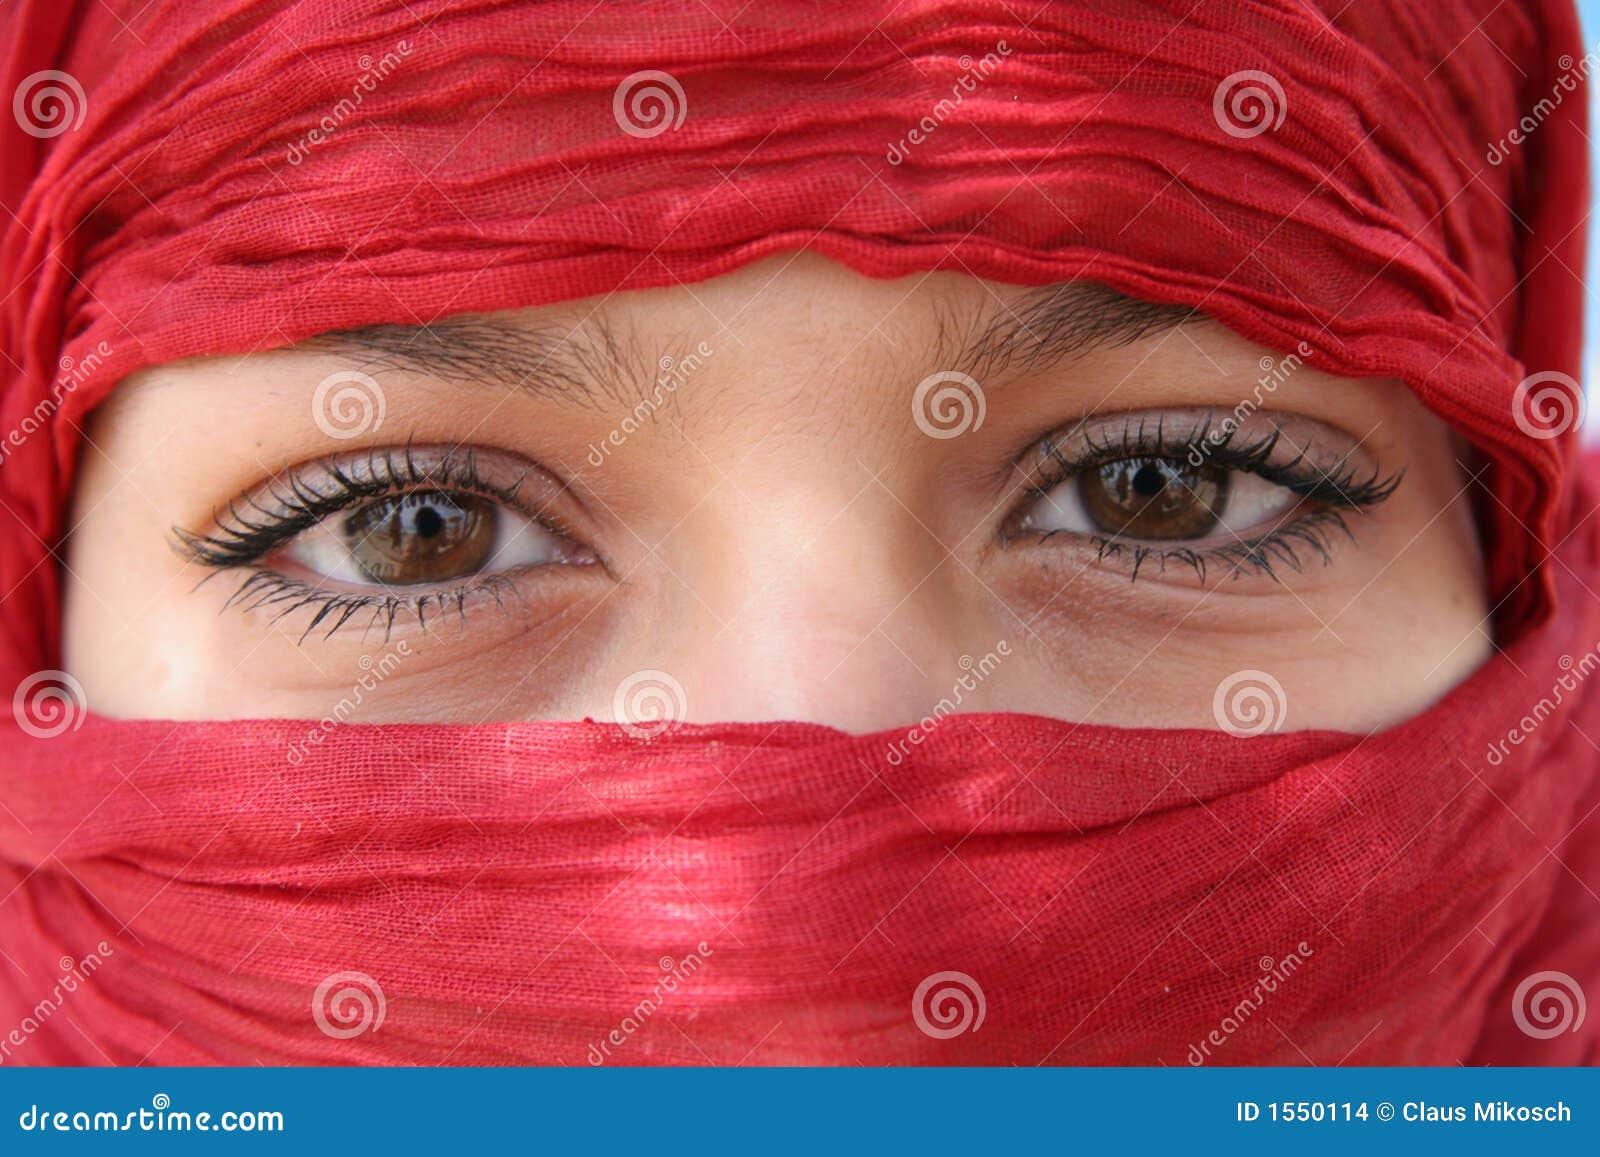 brownhair arabic